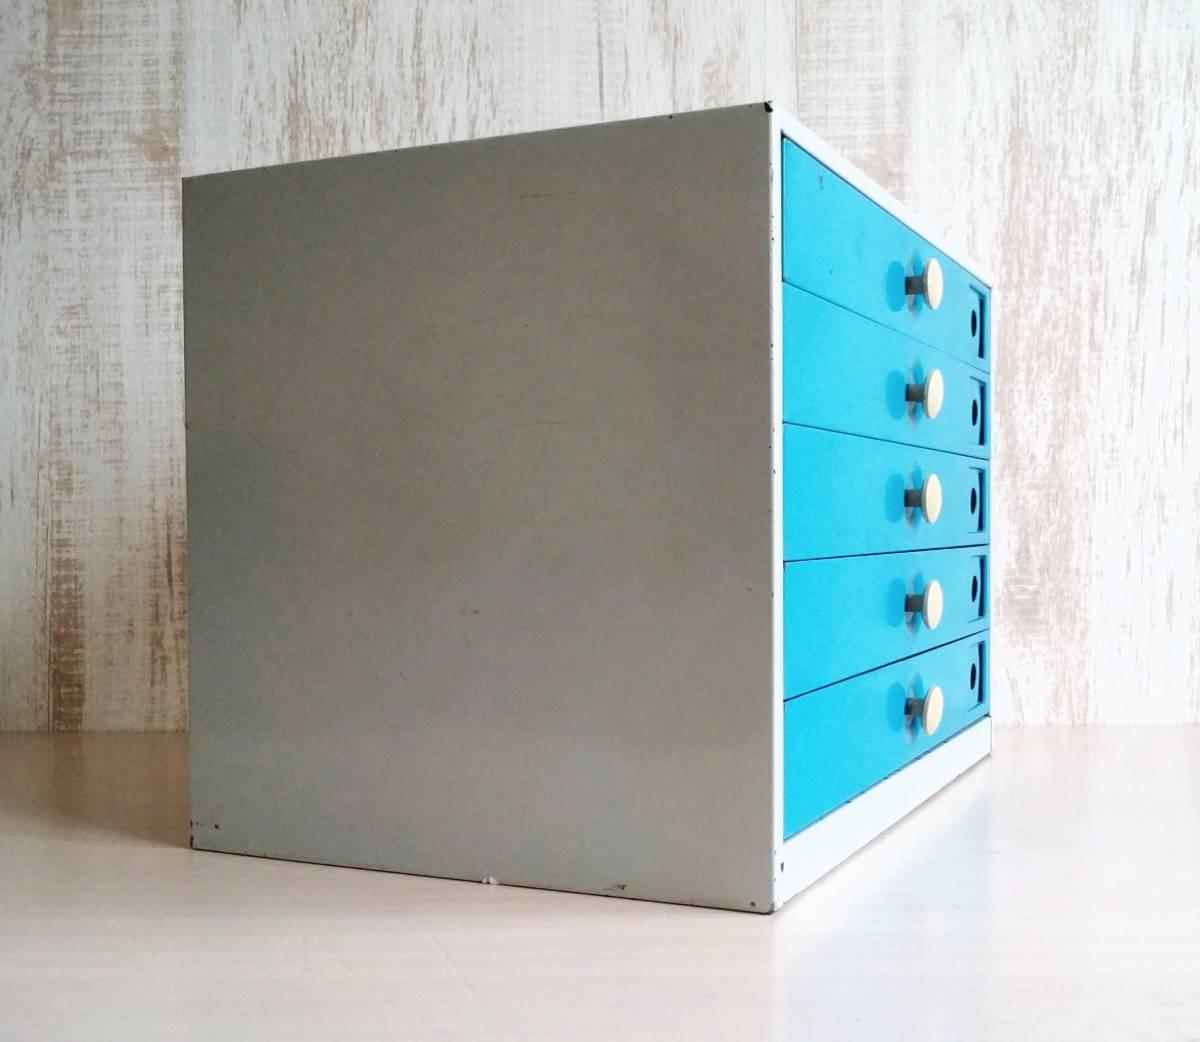 レターケース スチール製 引き出し  収納ケース インダストリアル 工業系 青色 白いつまみ ユーズド_画像5